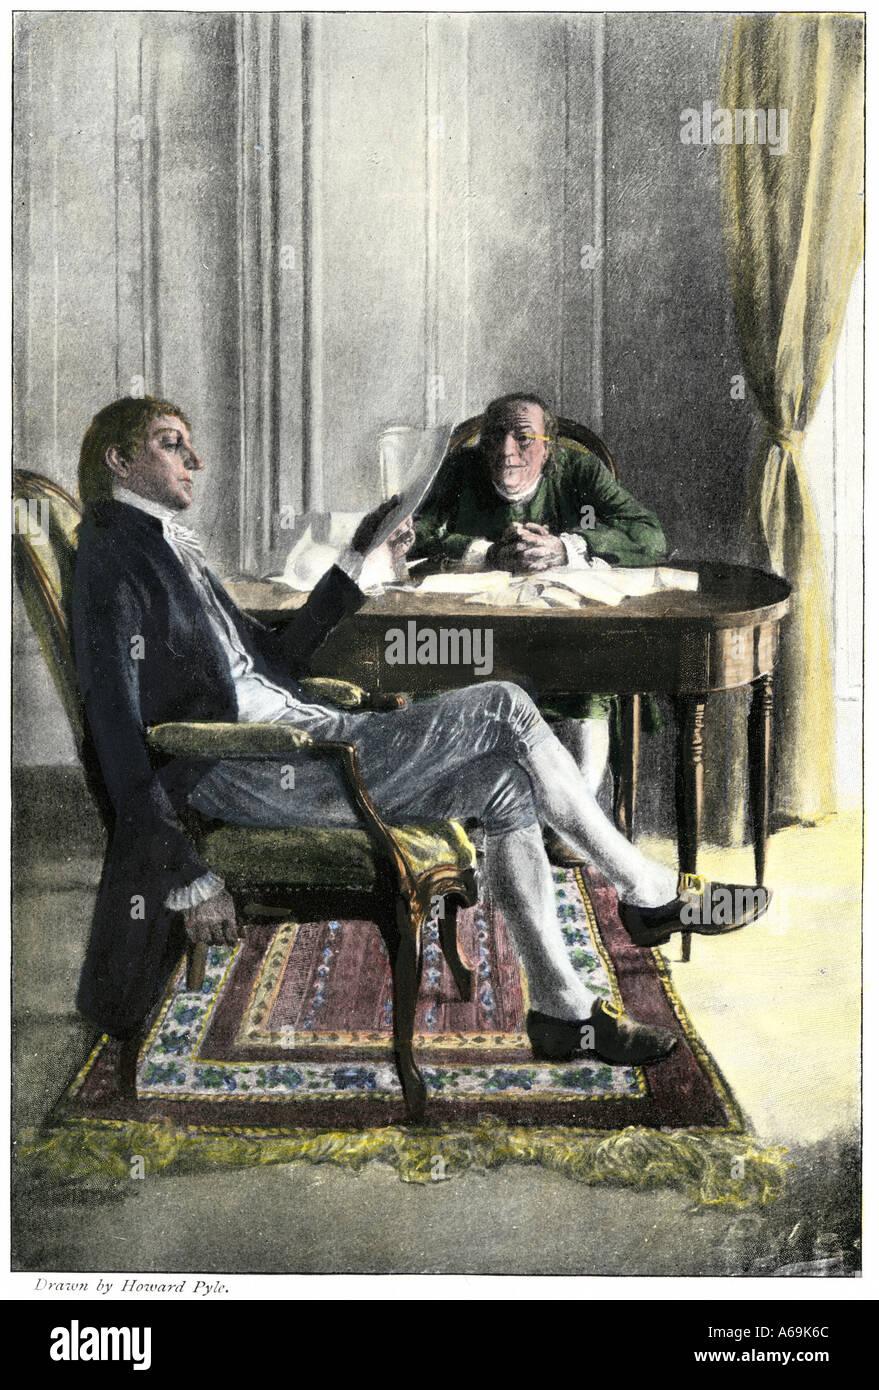 Benjamin Franklin et Richard Oswald à Paris Discussion du traité de paix mettant fin à la Révolution américaine. À la main, gravure sur bois Photo Stock